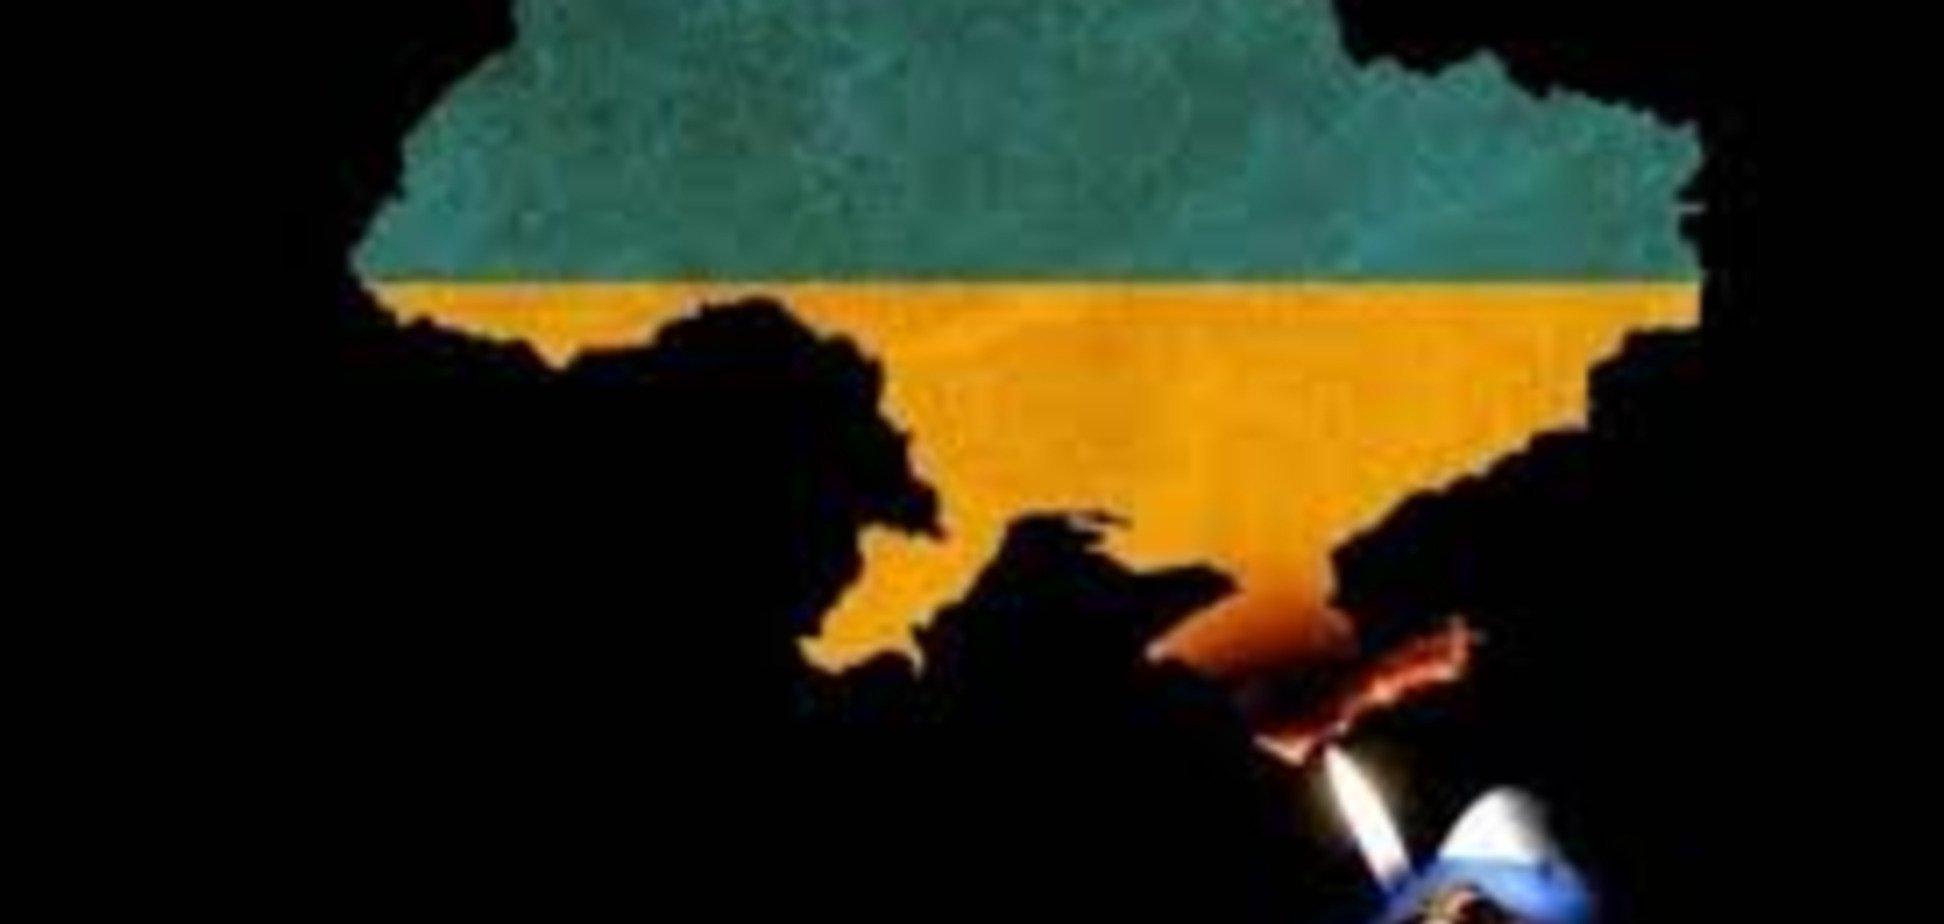 'По-любому': Аксьонов поскаржився, що в режимі НС нічого не змінюється